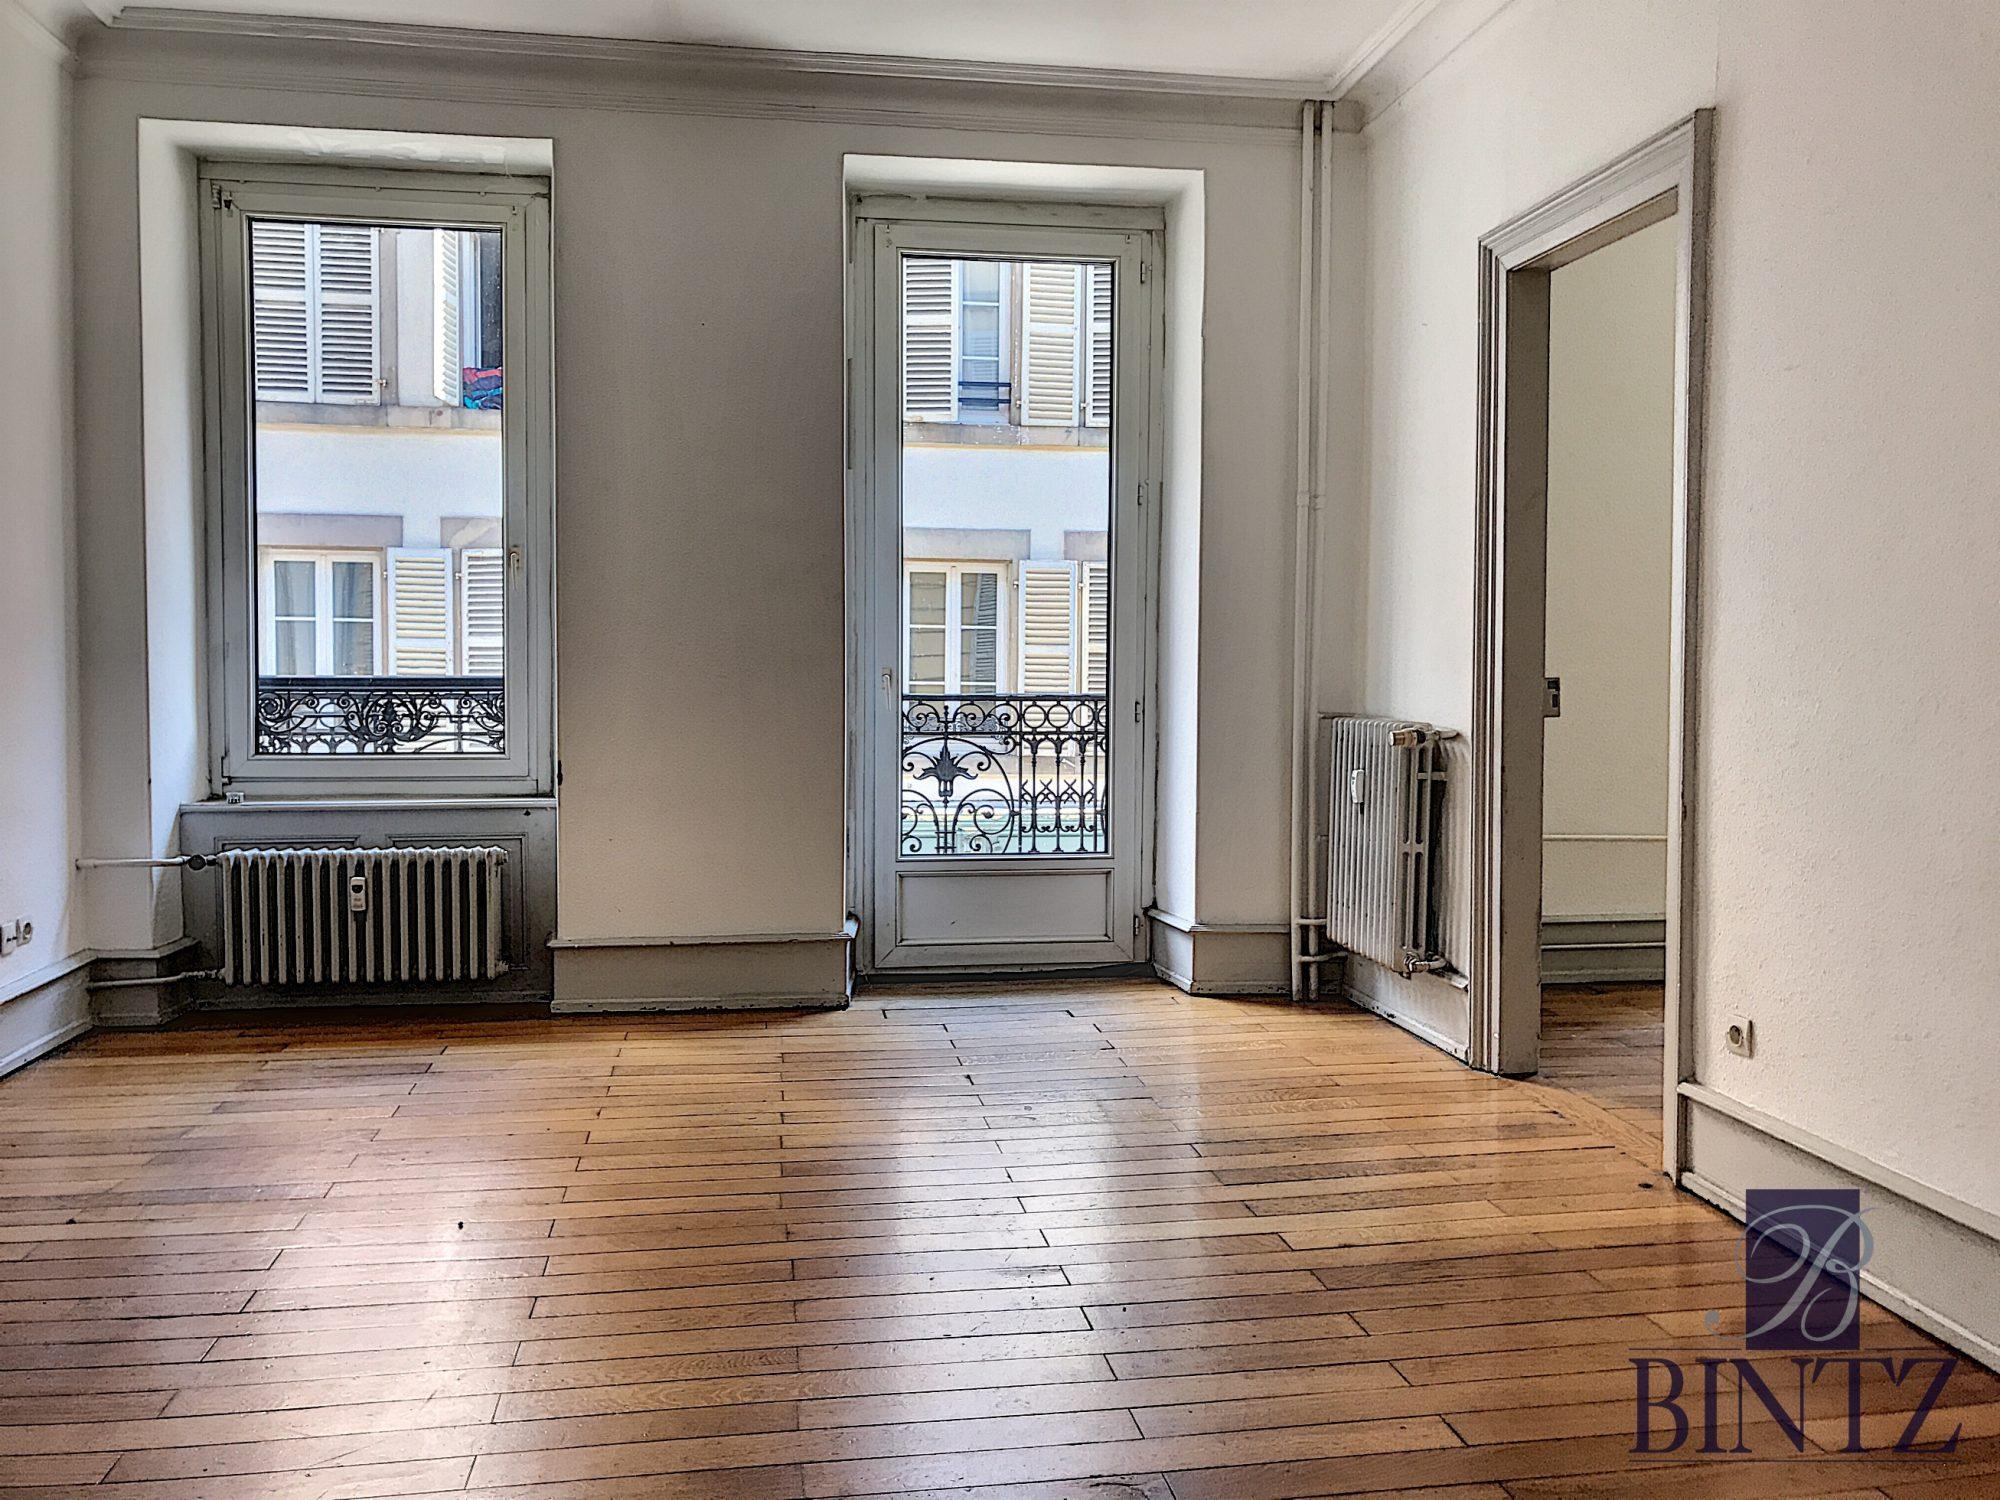 5 pièces entre Gare et Grande Ile - Devenez propriétaire en toute confiance - Bintz Immobilier - 2